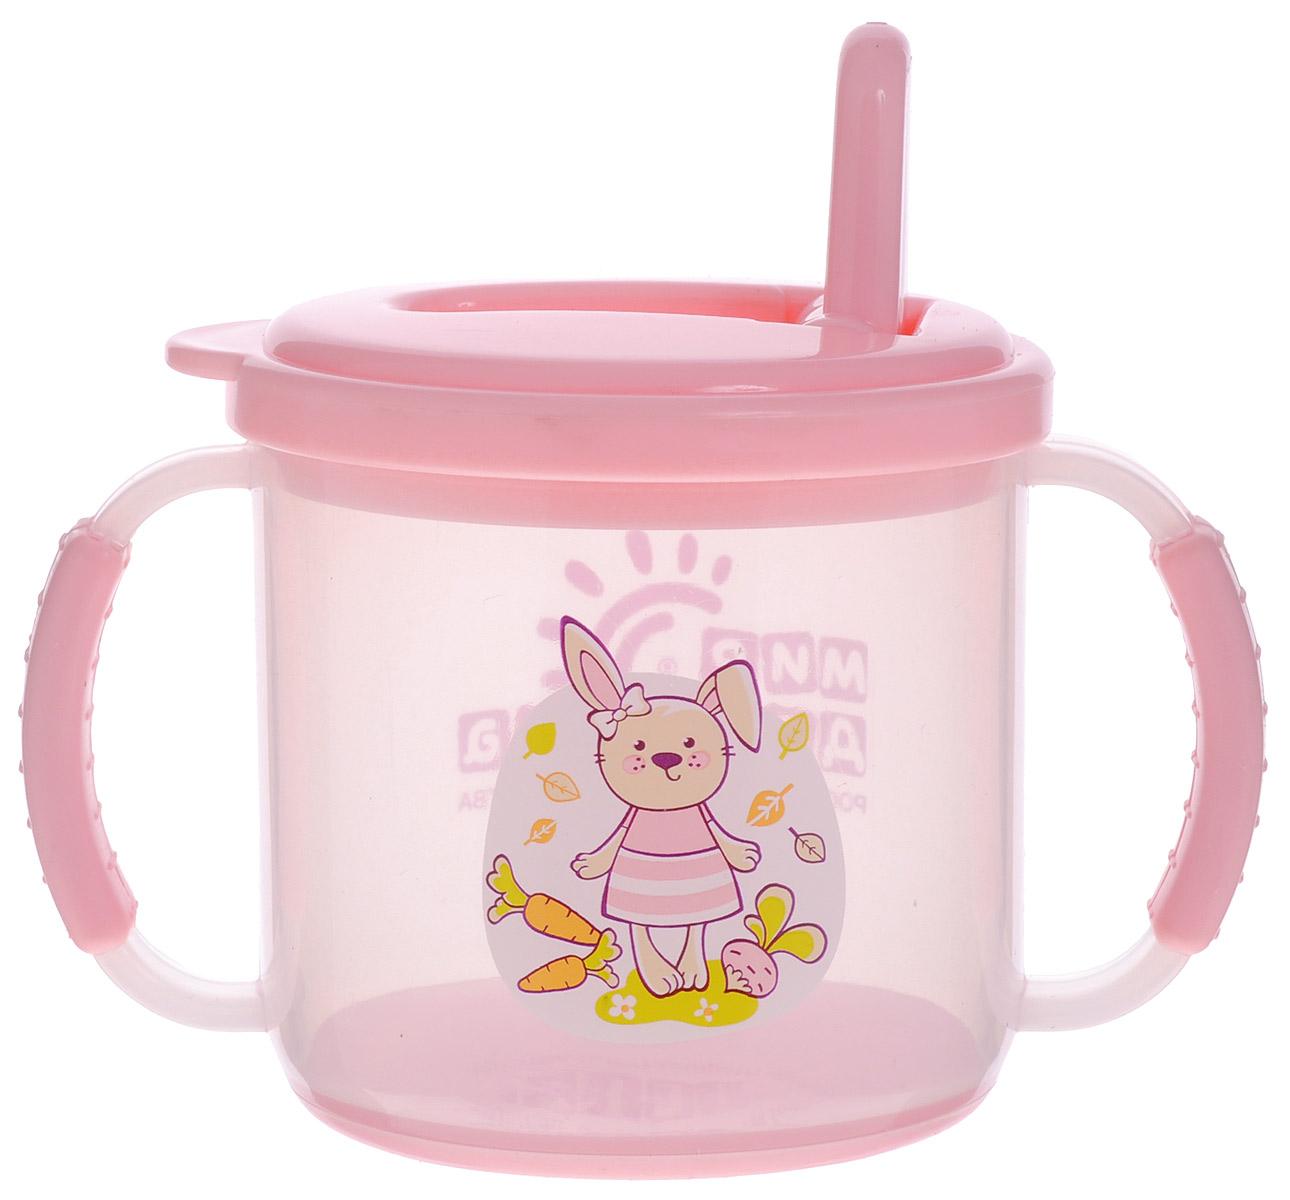 Мир детства Поильник-непроливайка от 8 месяцев цвет розовый 200 мл